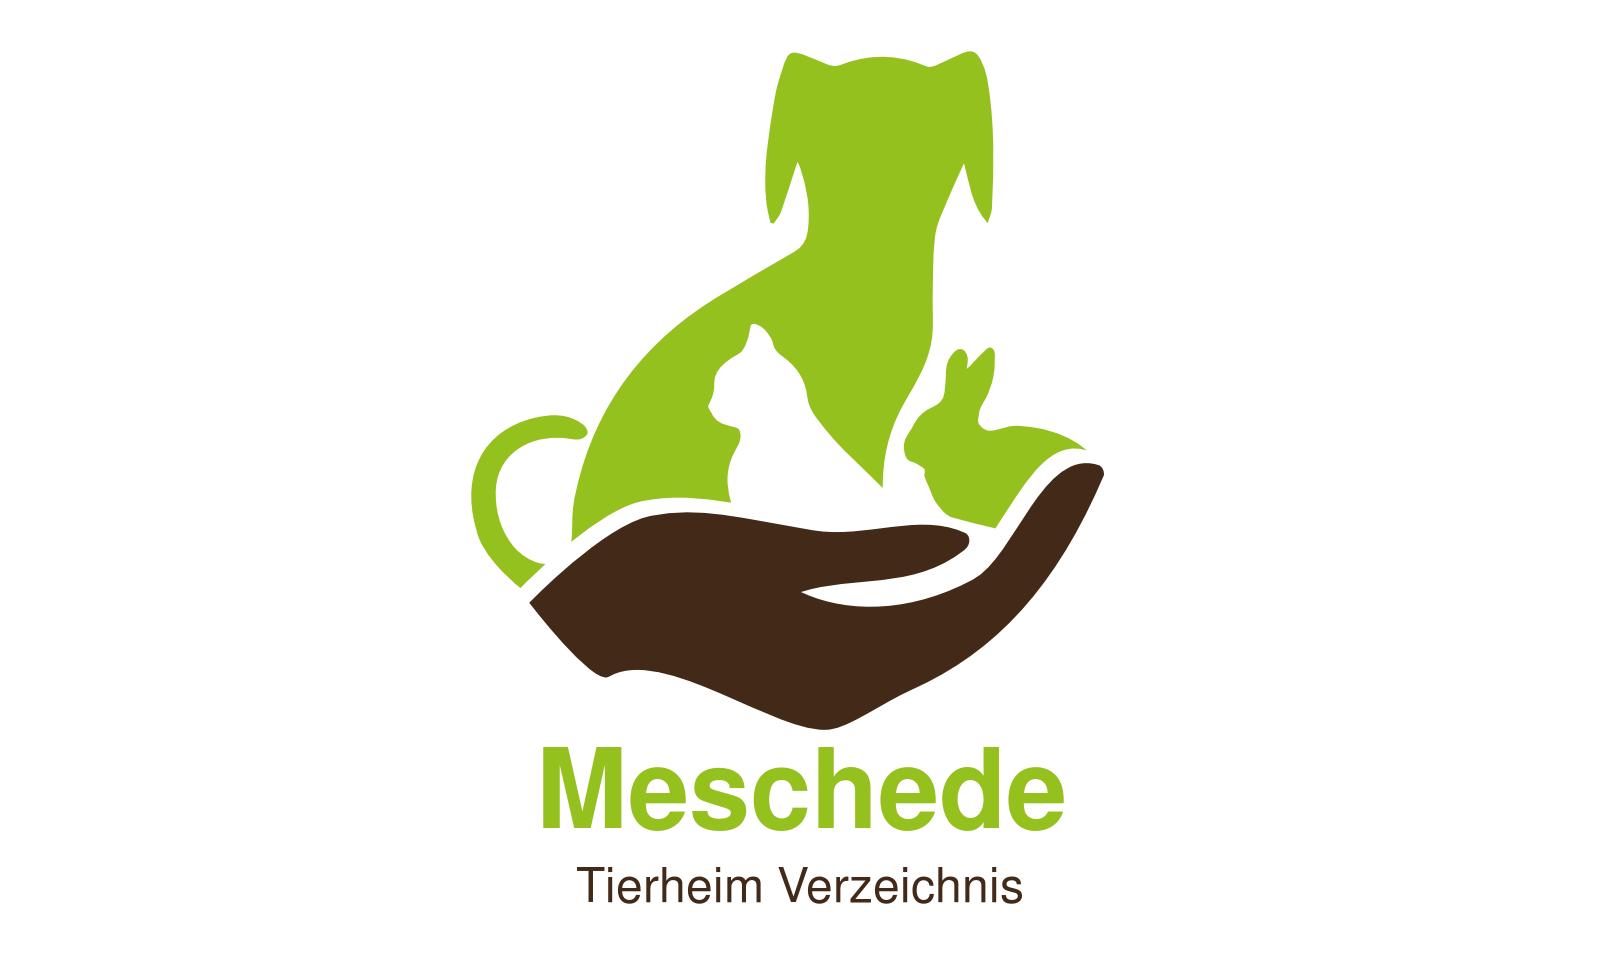 Tierheim Meschede